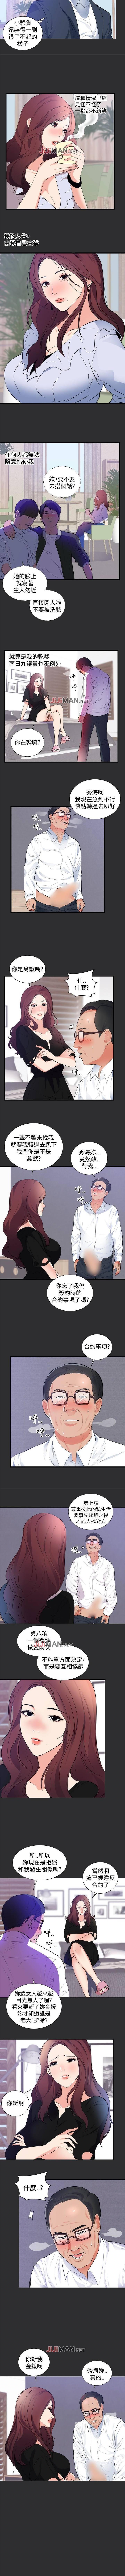 【已完结】性癖好(作者:主寧 & 洗髮精) 第1~30话 64